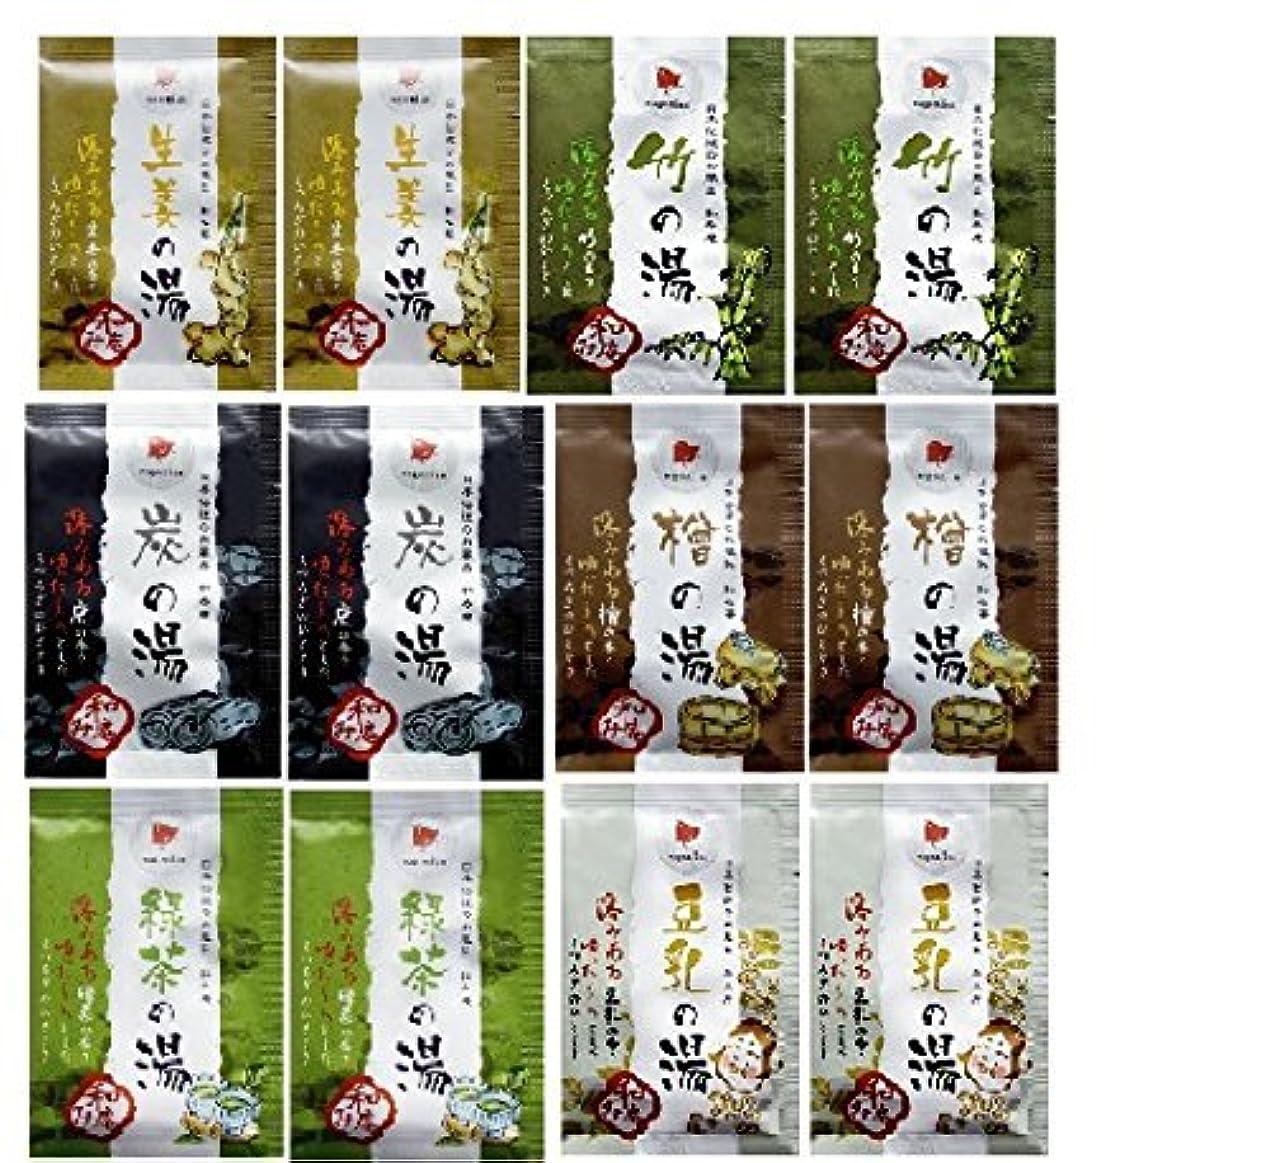 日本伝統のお風呂 和み庵 6種類×2 12包